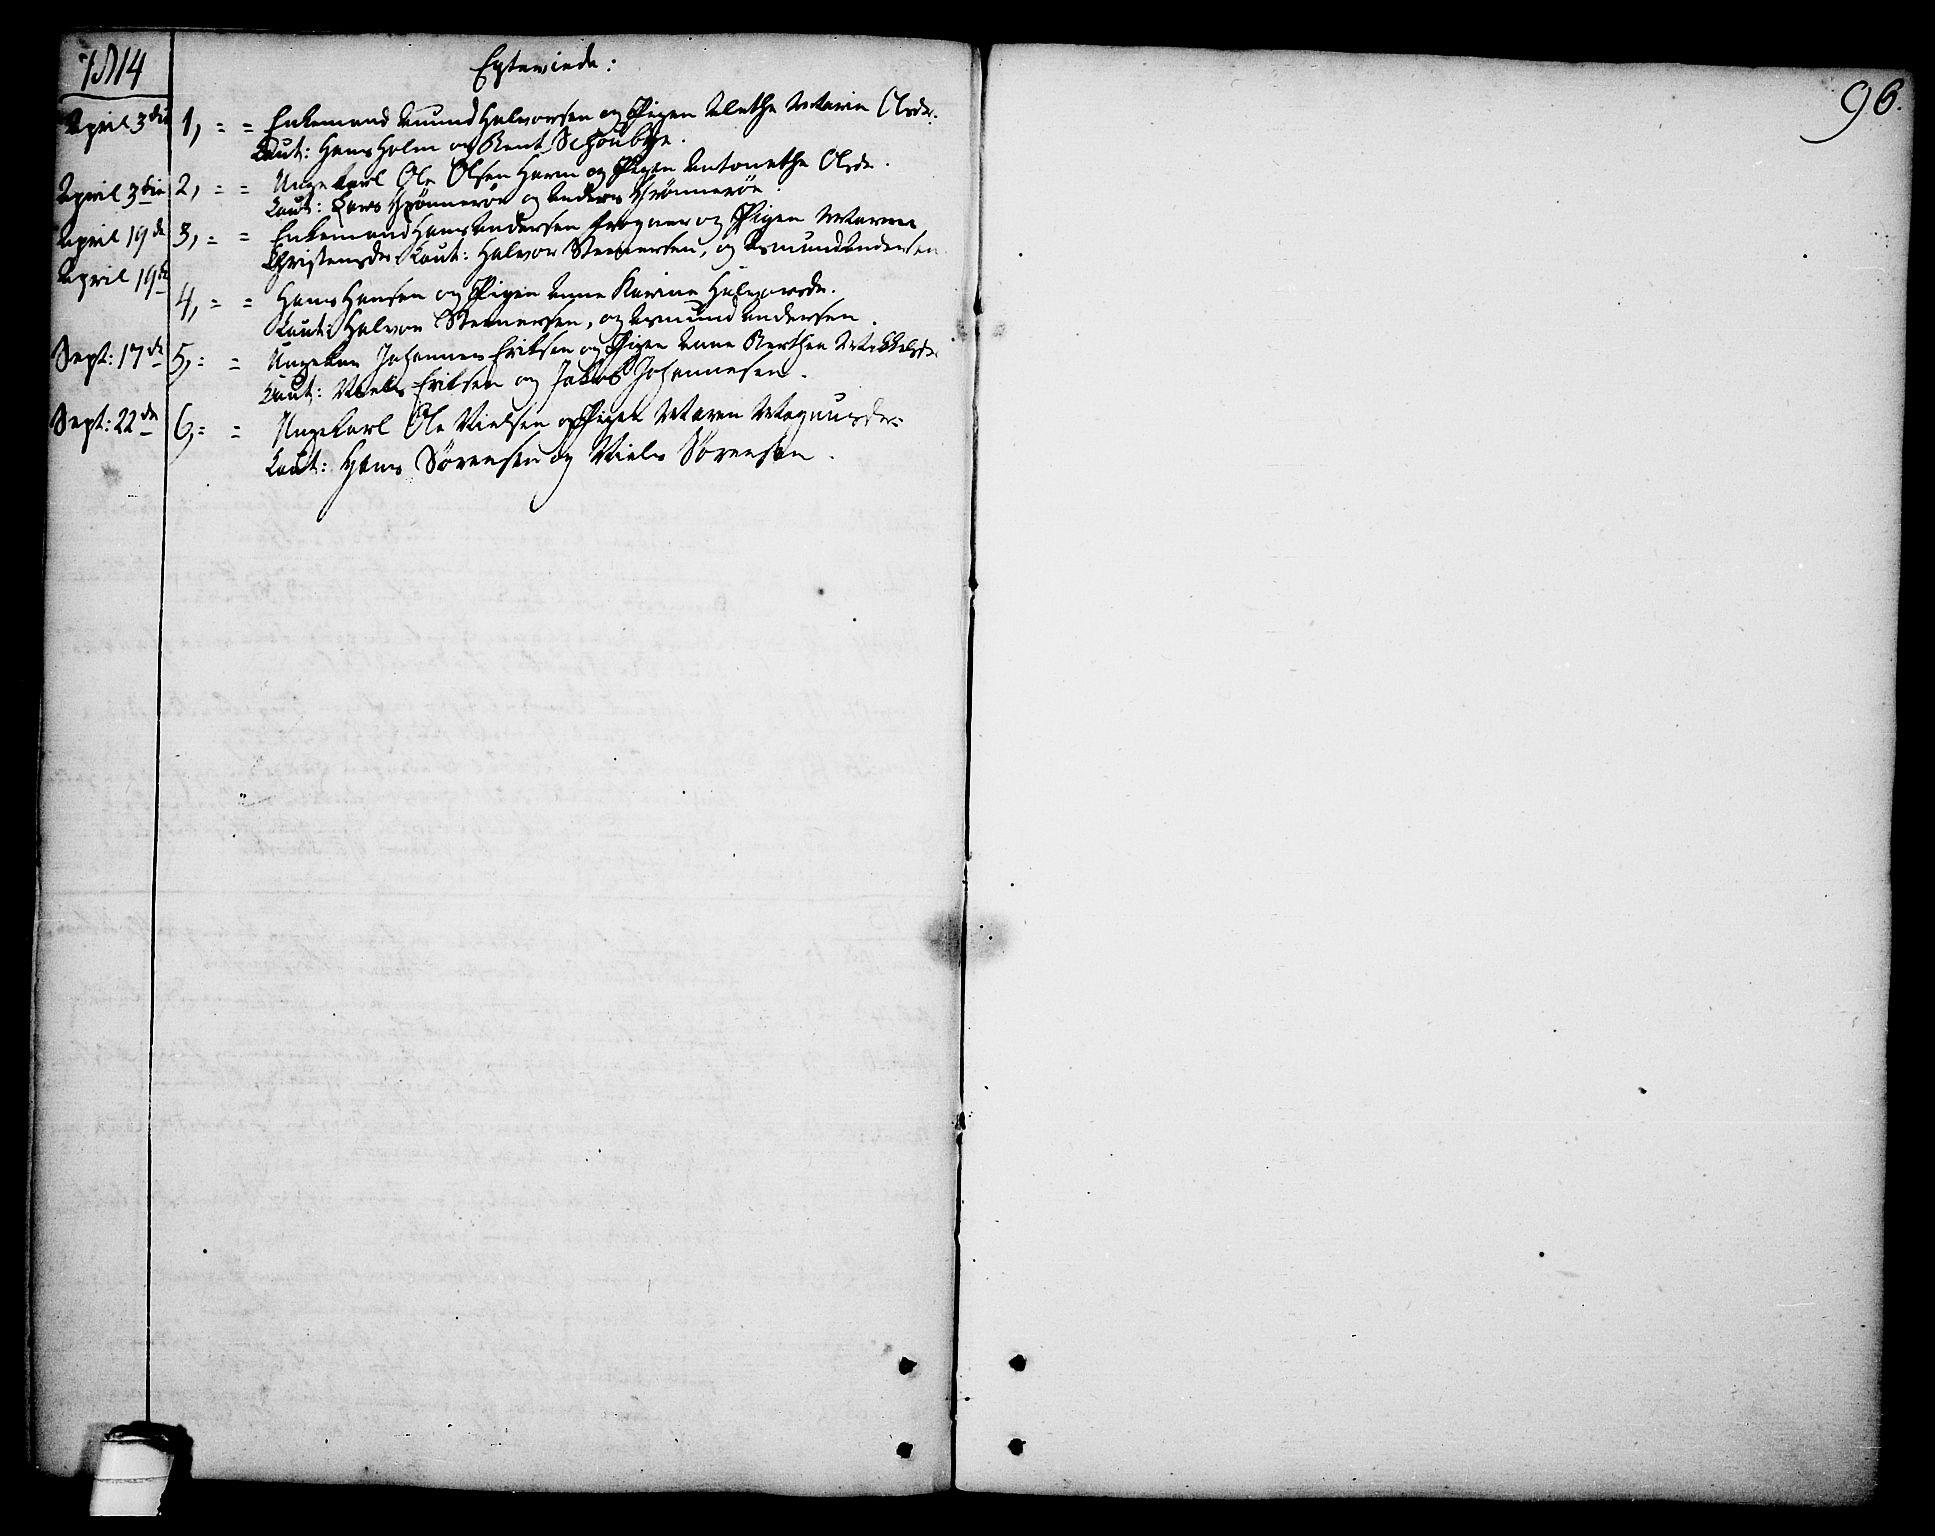 SAKO, Brevik kirkebøker, F/Fa/L0003: Ministerialbok nr. 3, 1764-1814, s. 96